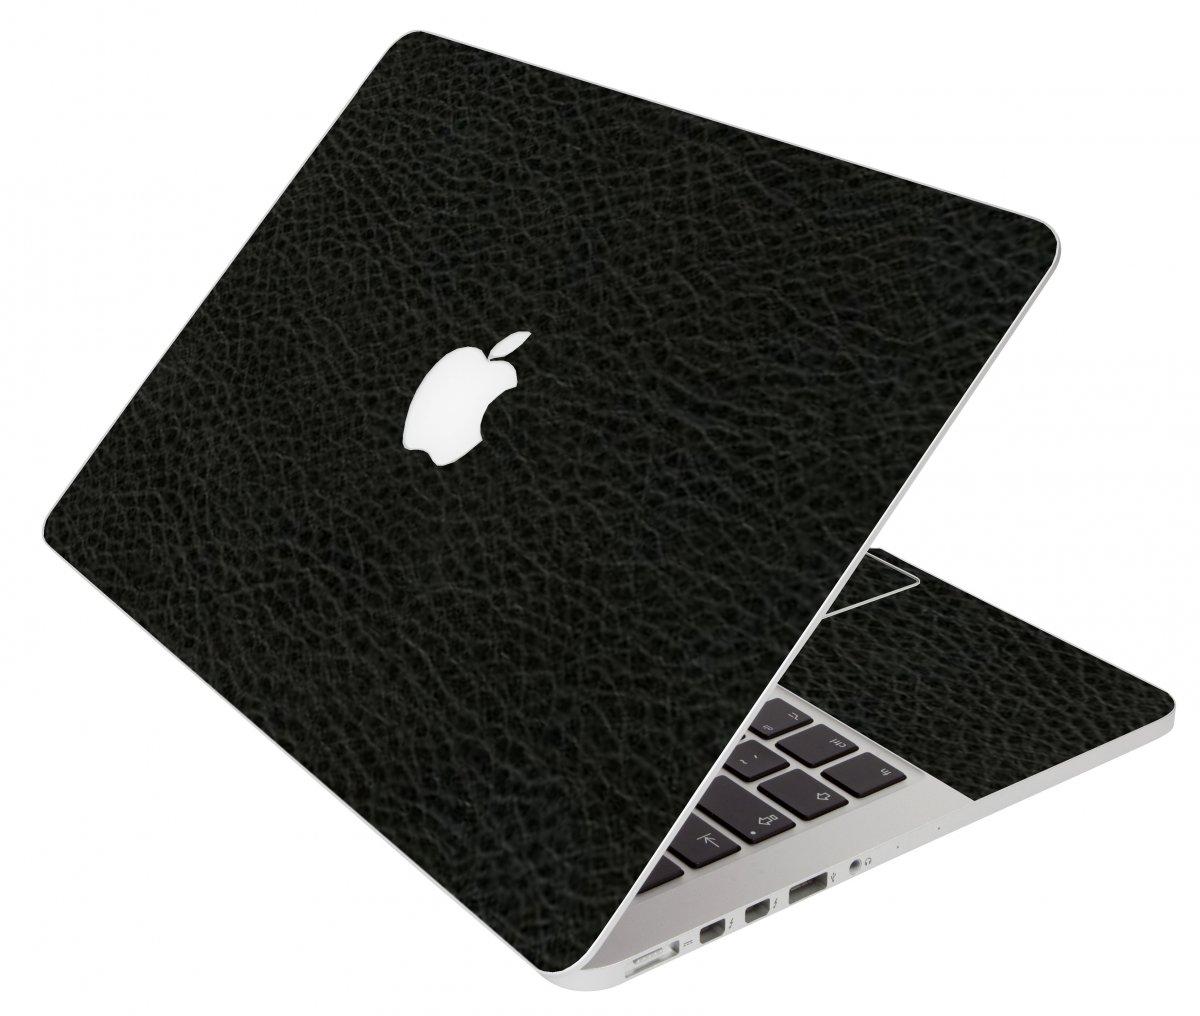 Black Leather Apple Macbook Original 13 A1181 Laptop Skin